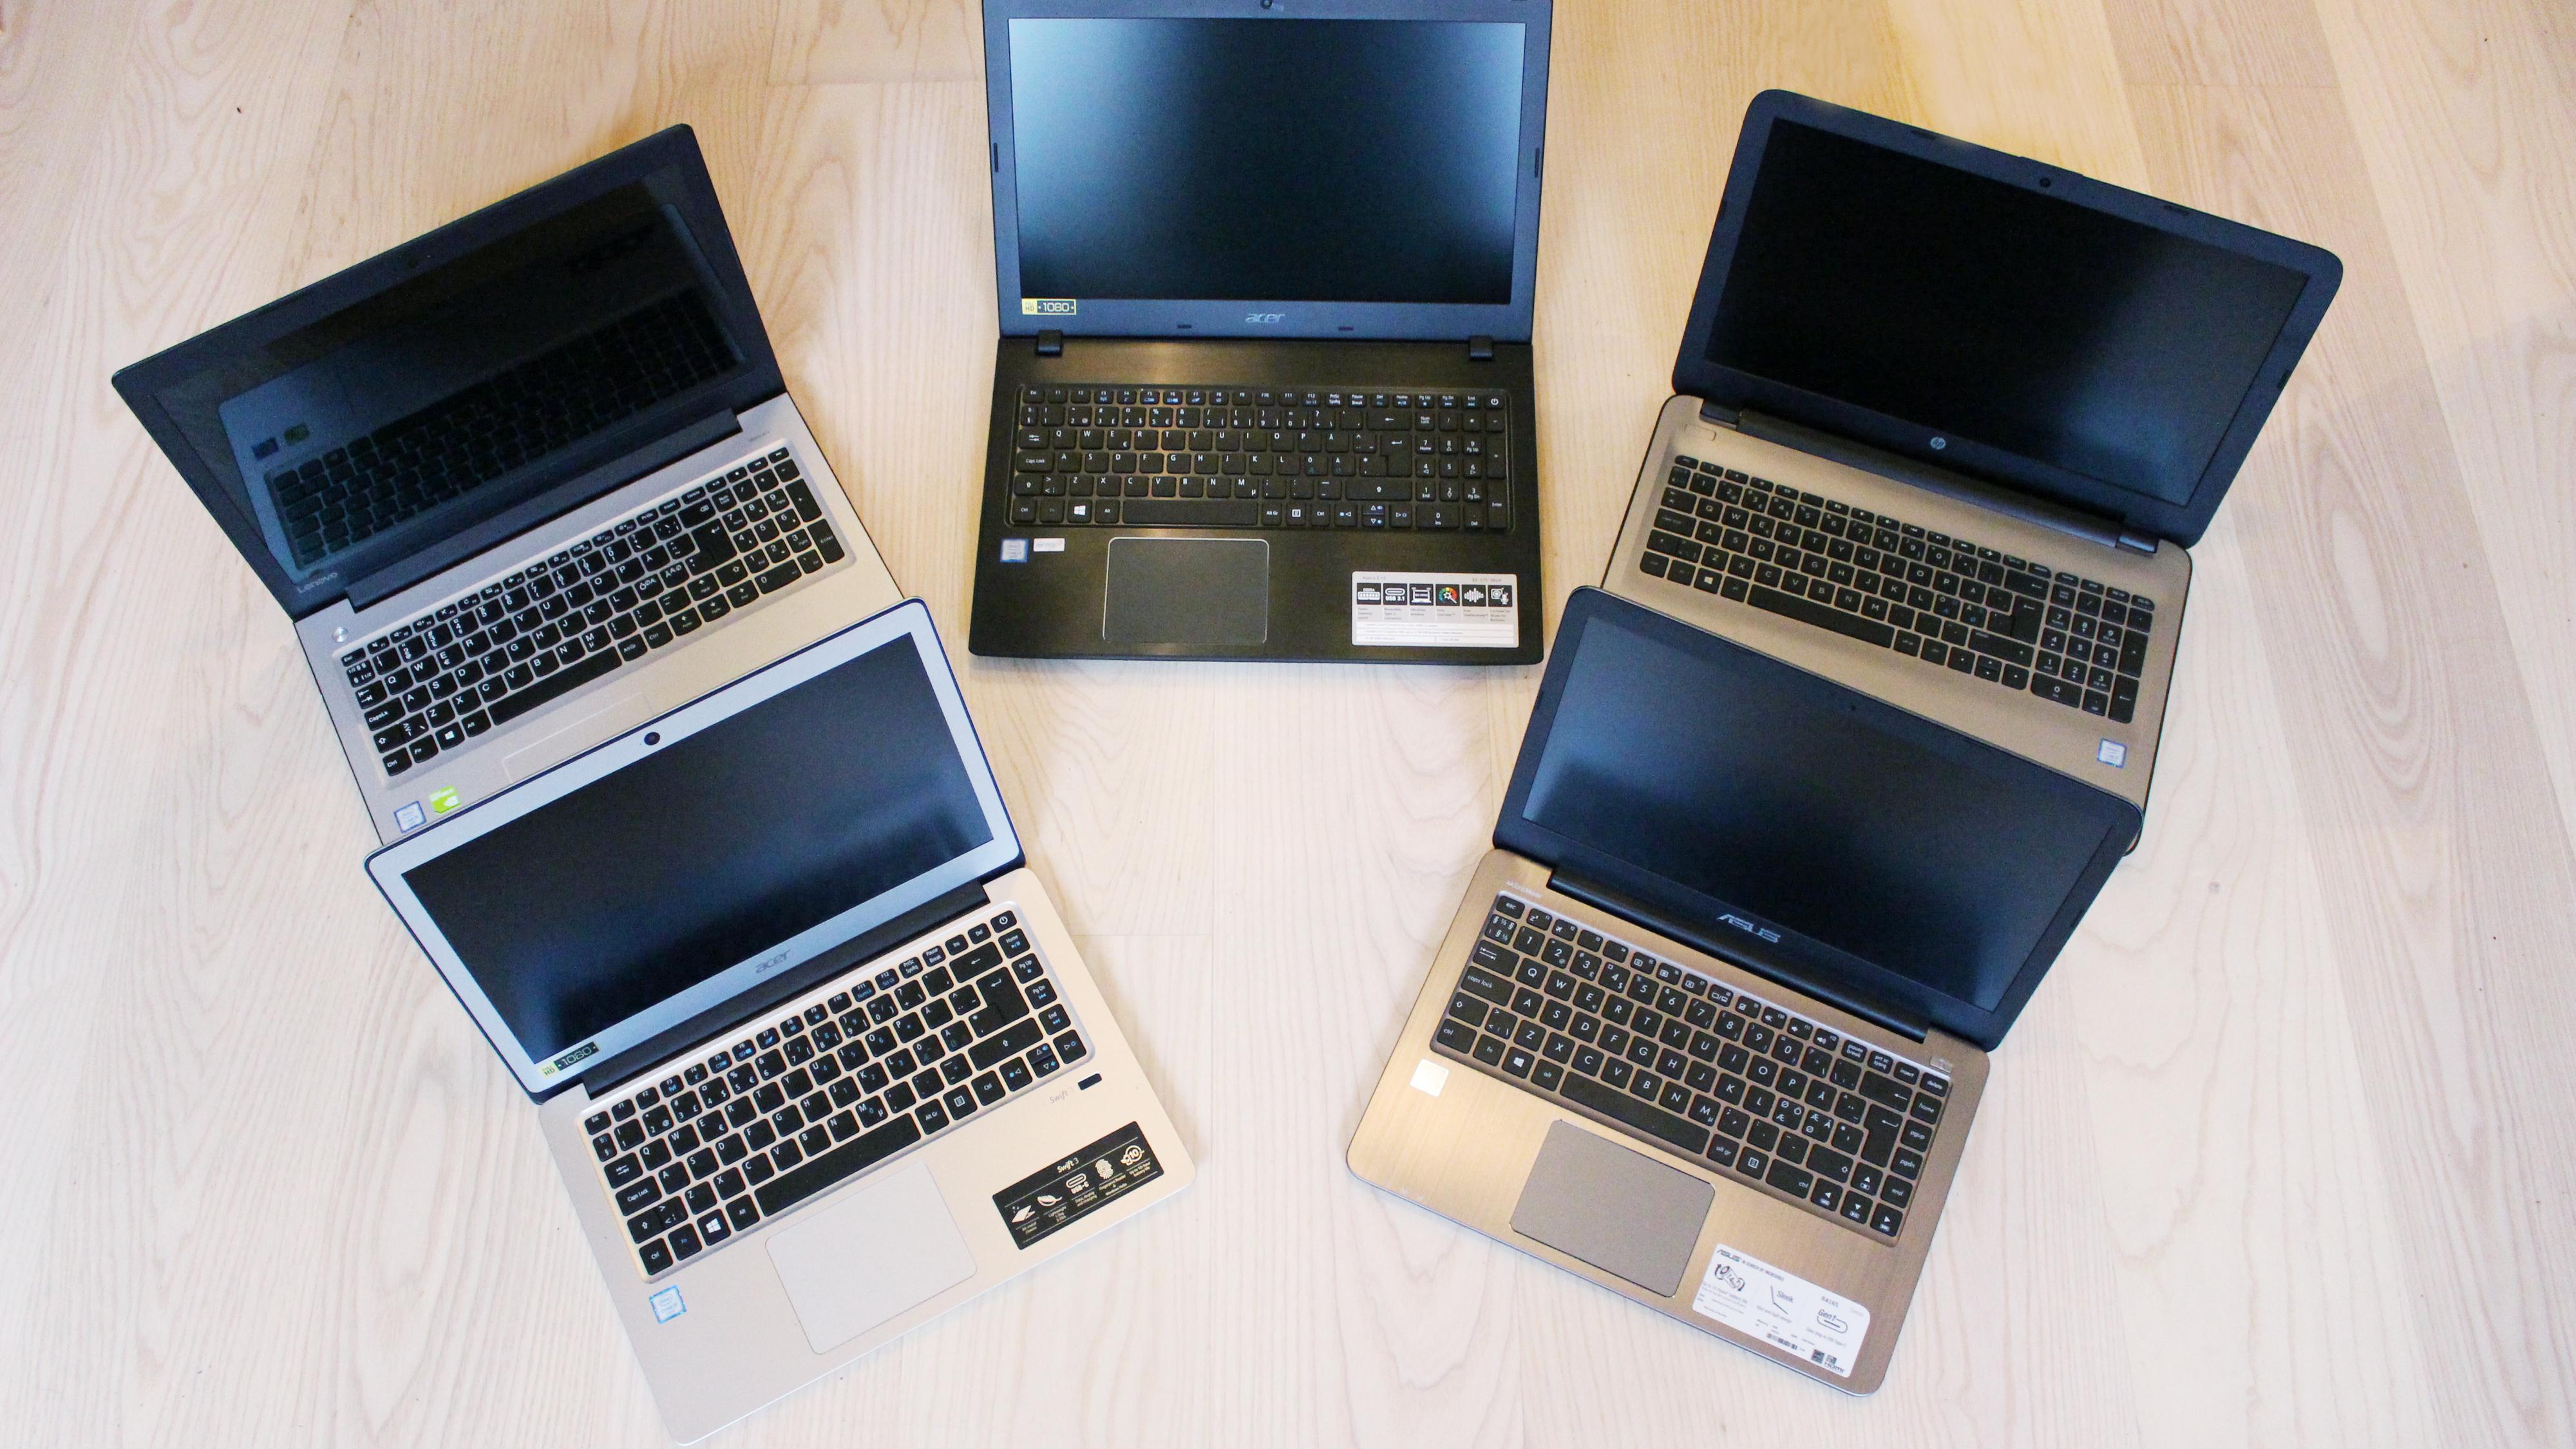 Bærbare PC-er til rundt 5000 kroner